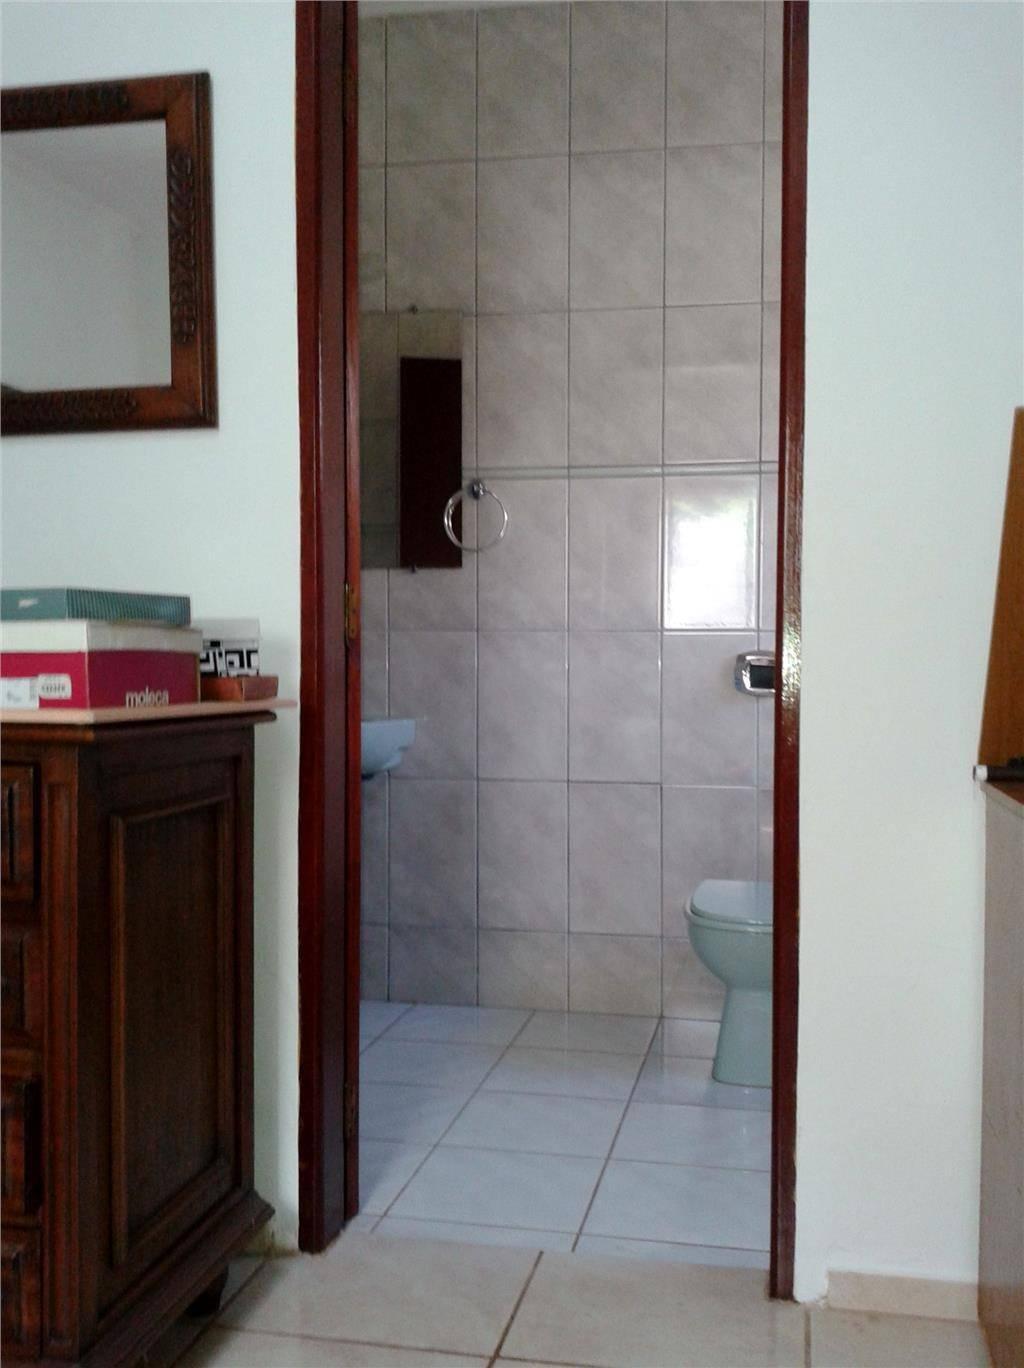 Chácara 3 Dorm, Loteamento Chácaras Vale das Garças, Campinas - Foto 10